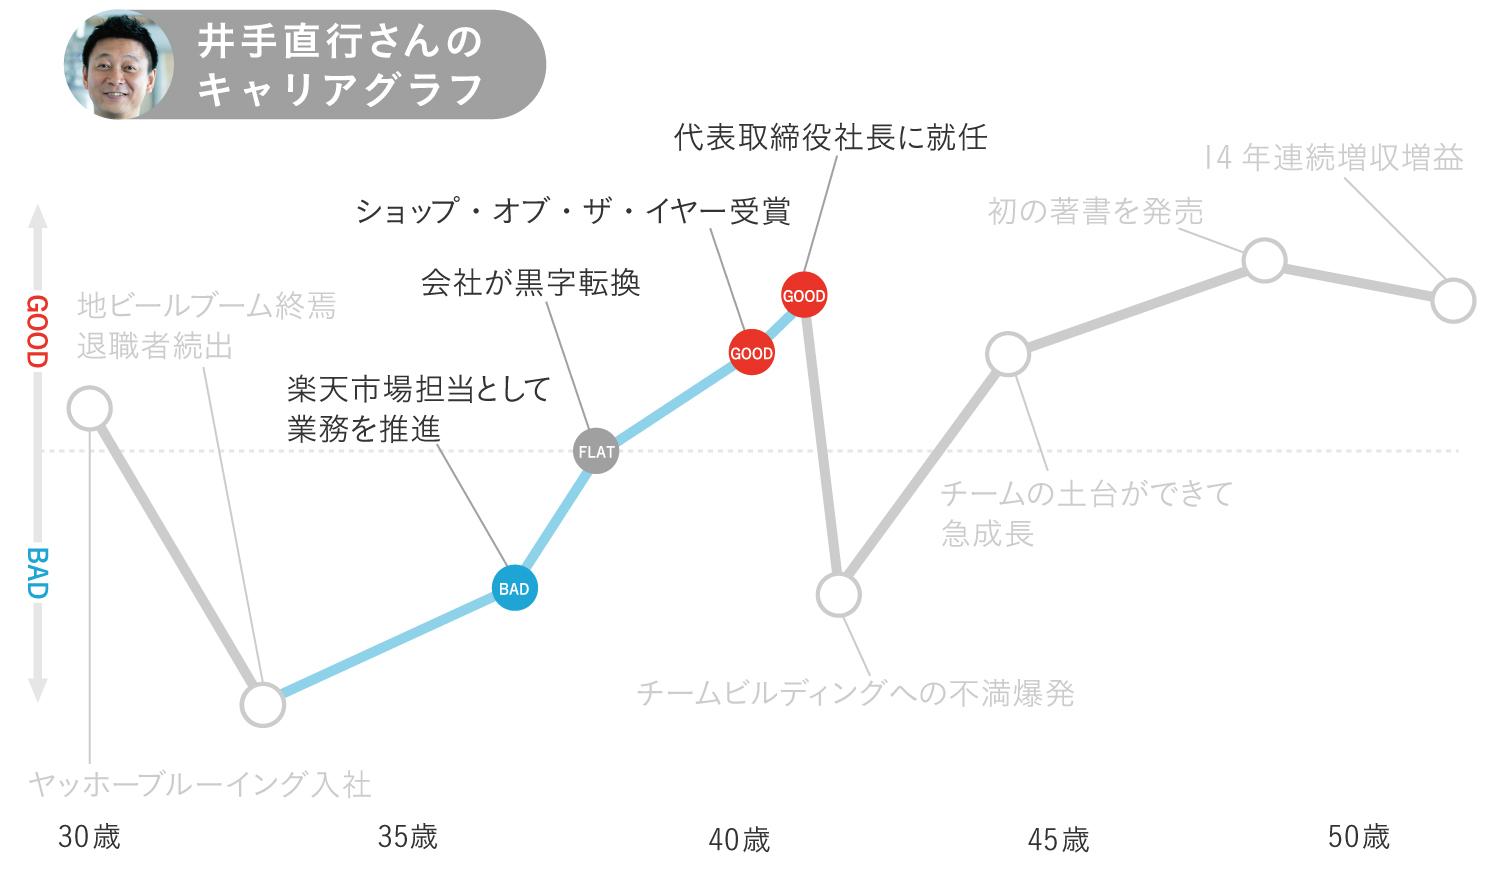 キャリアグラフ3